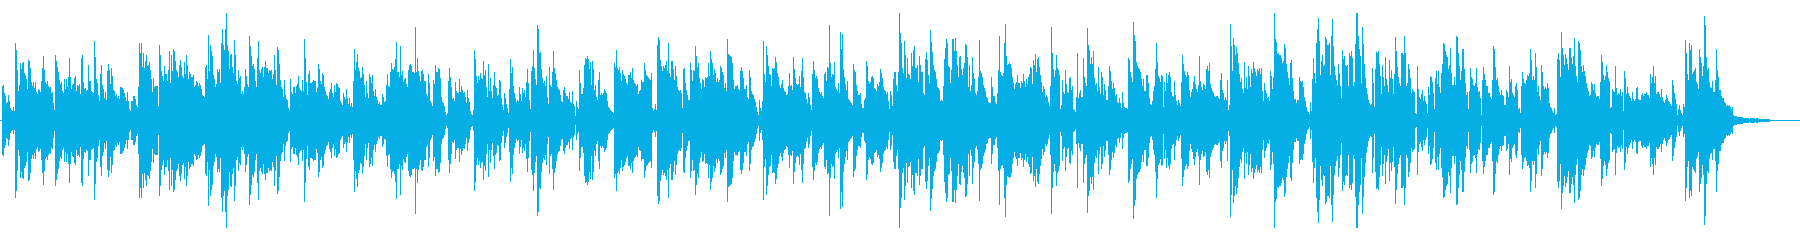 おしゃれサックスが流れる大人のジャズバーの再生済みの波形